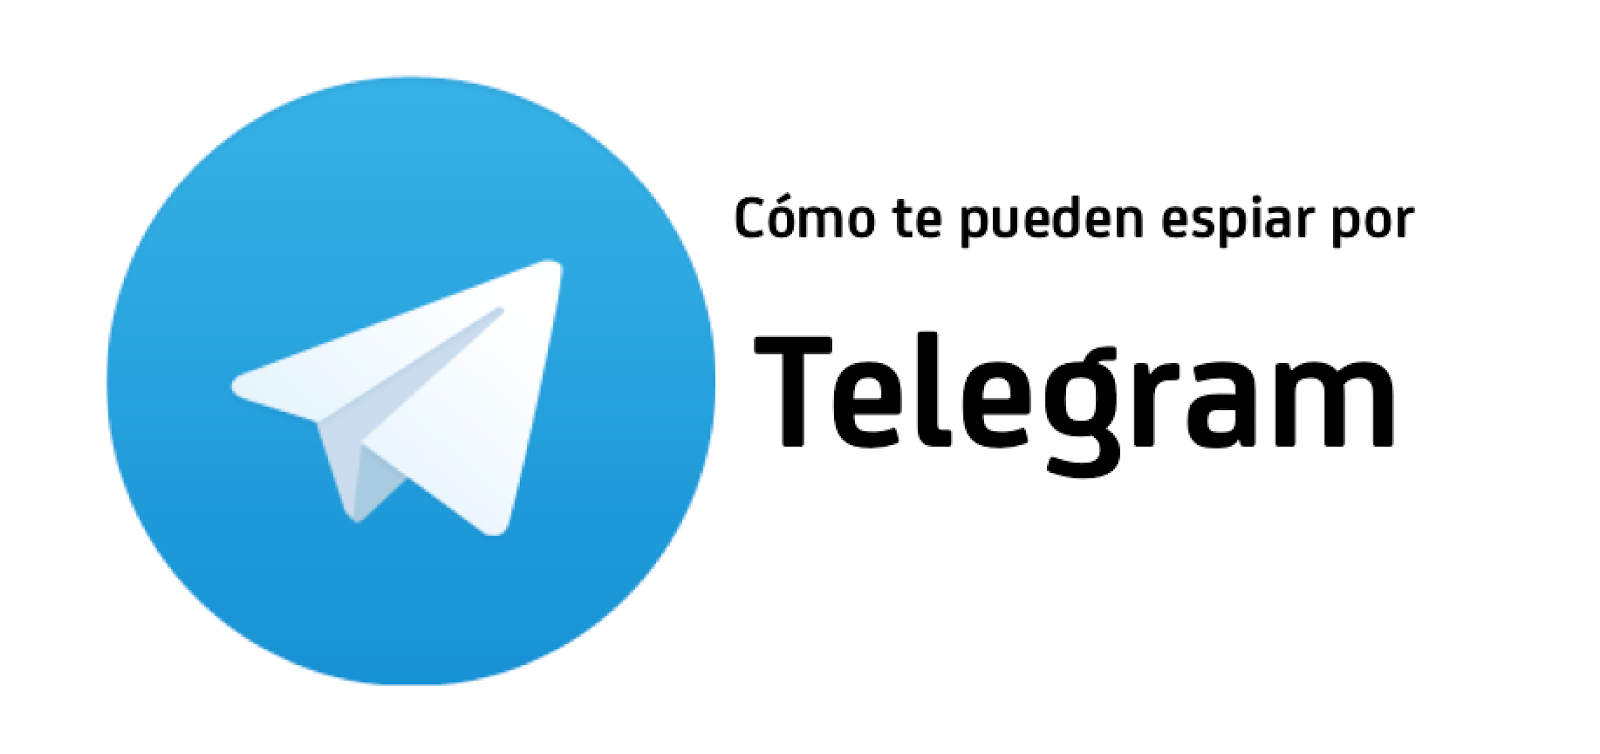 ¿Cómo espiar la cuenta Telegram de alguien utilizando MSpy?